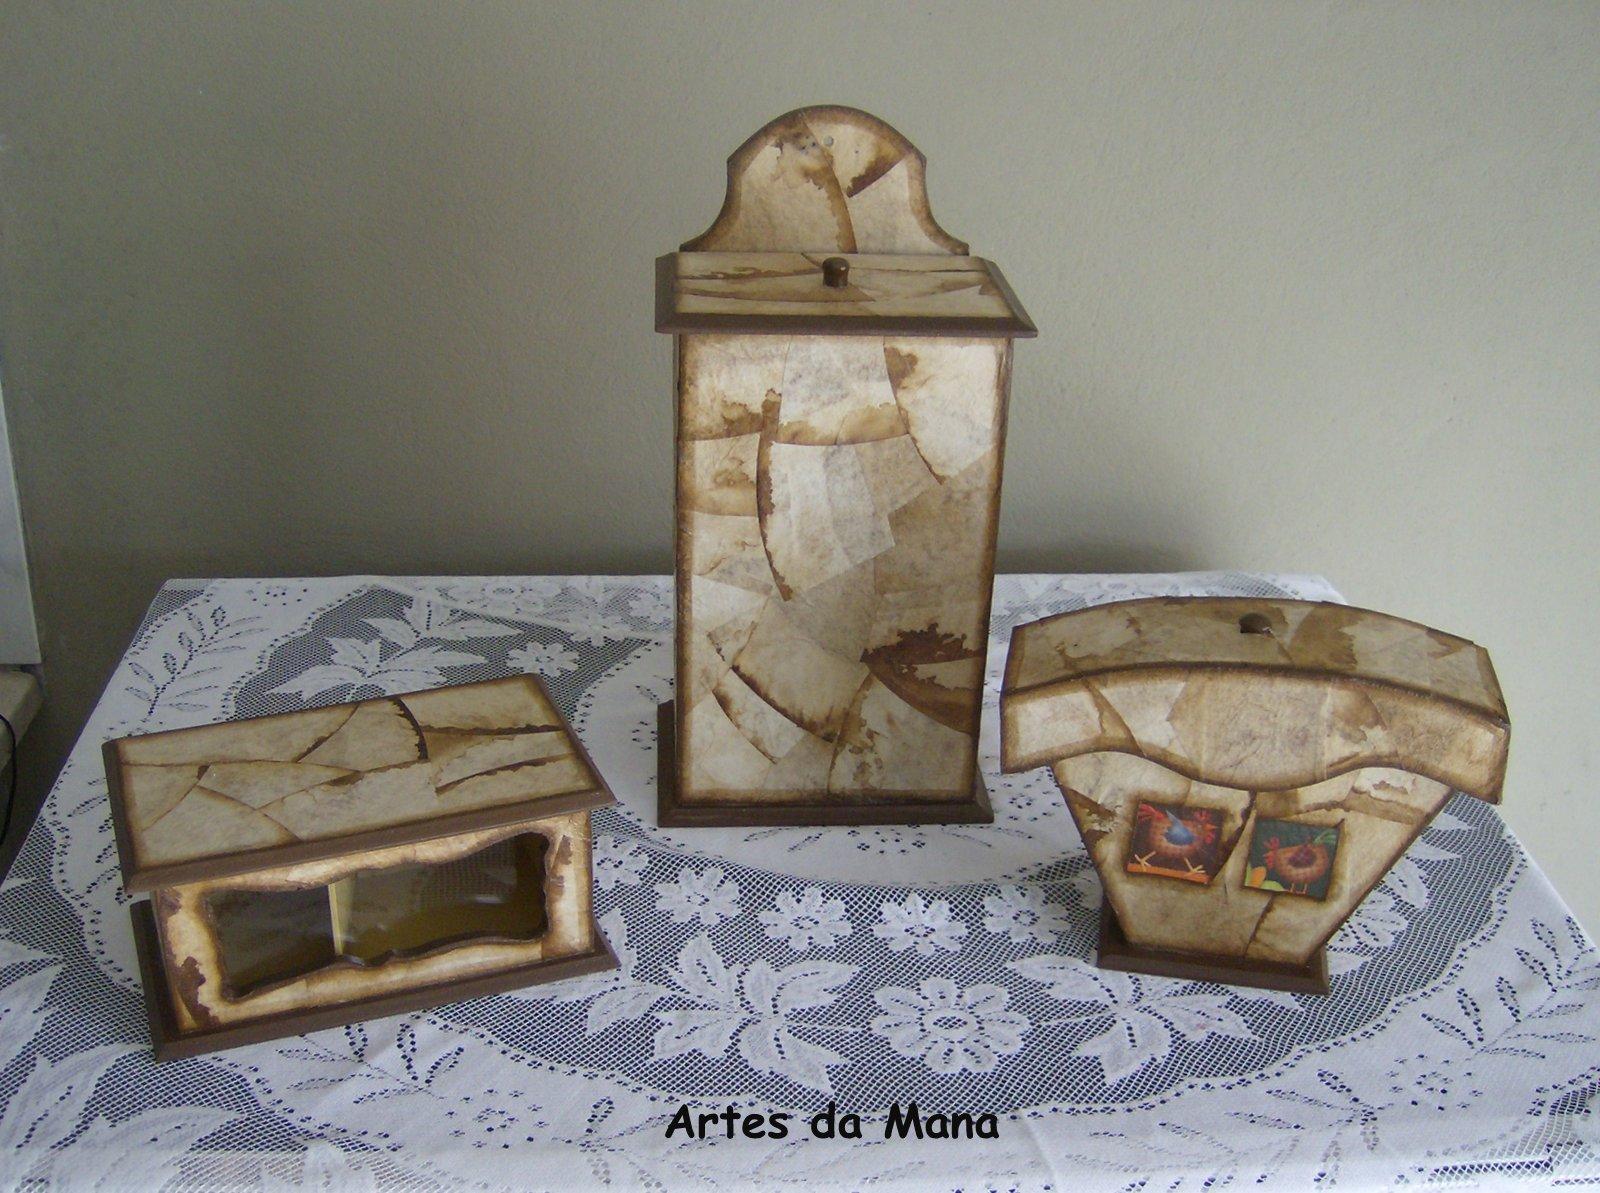 Artesanato Dos Acores ~ Artesanato em Madeira ARTES DA MANA